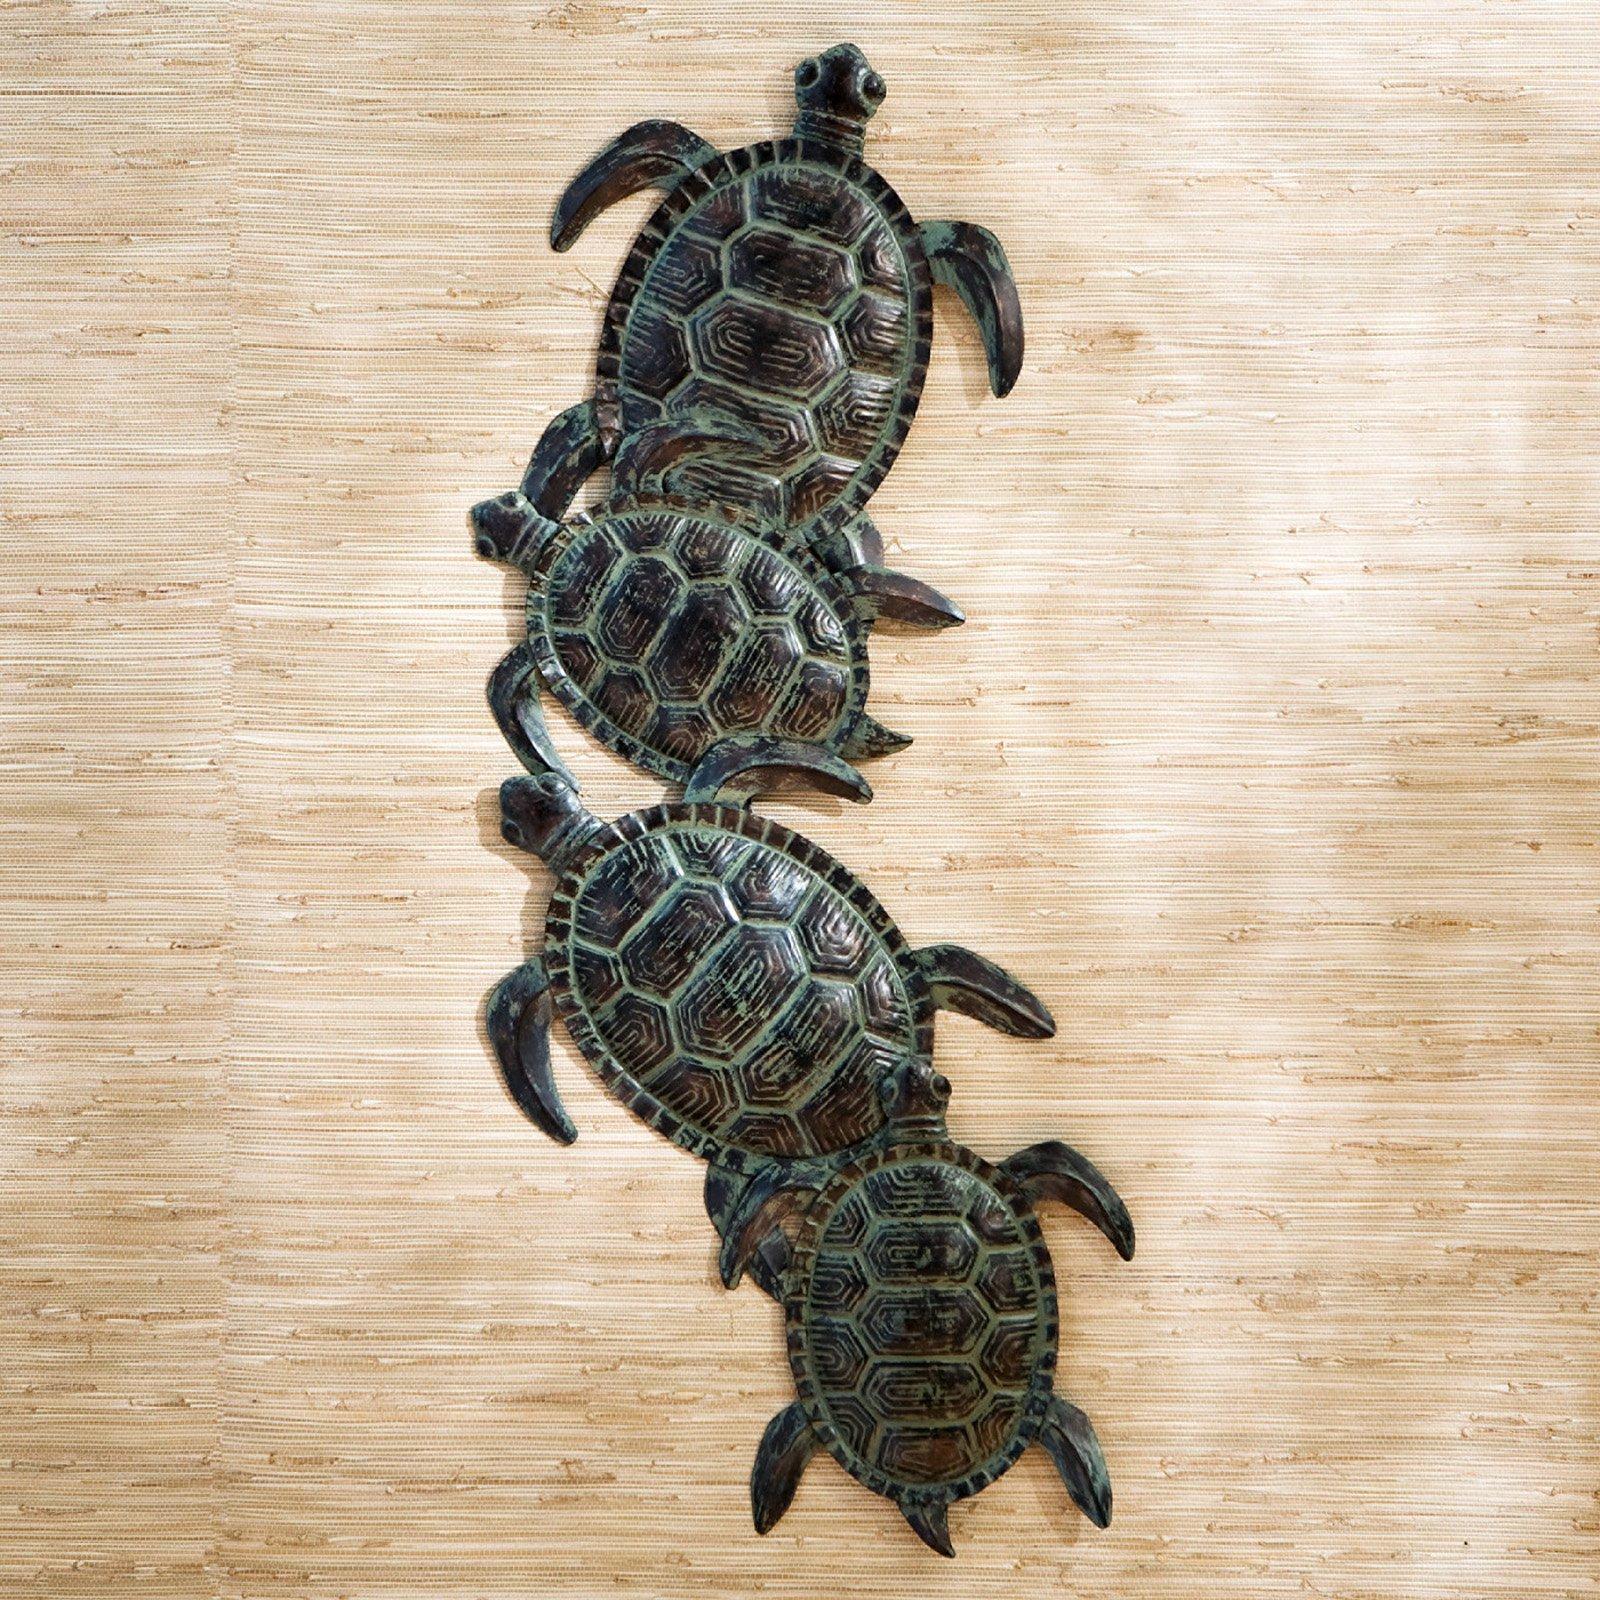 Sea Turtle Metal Indoor/outdoor Wall Art | Hayneedle Regarding Sea Turtle Metal Wall Art (Image 9 of 20)